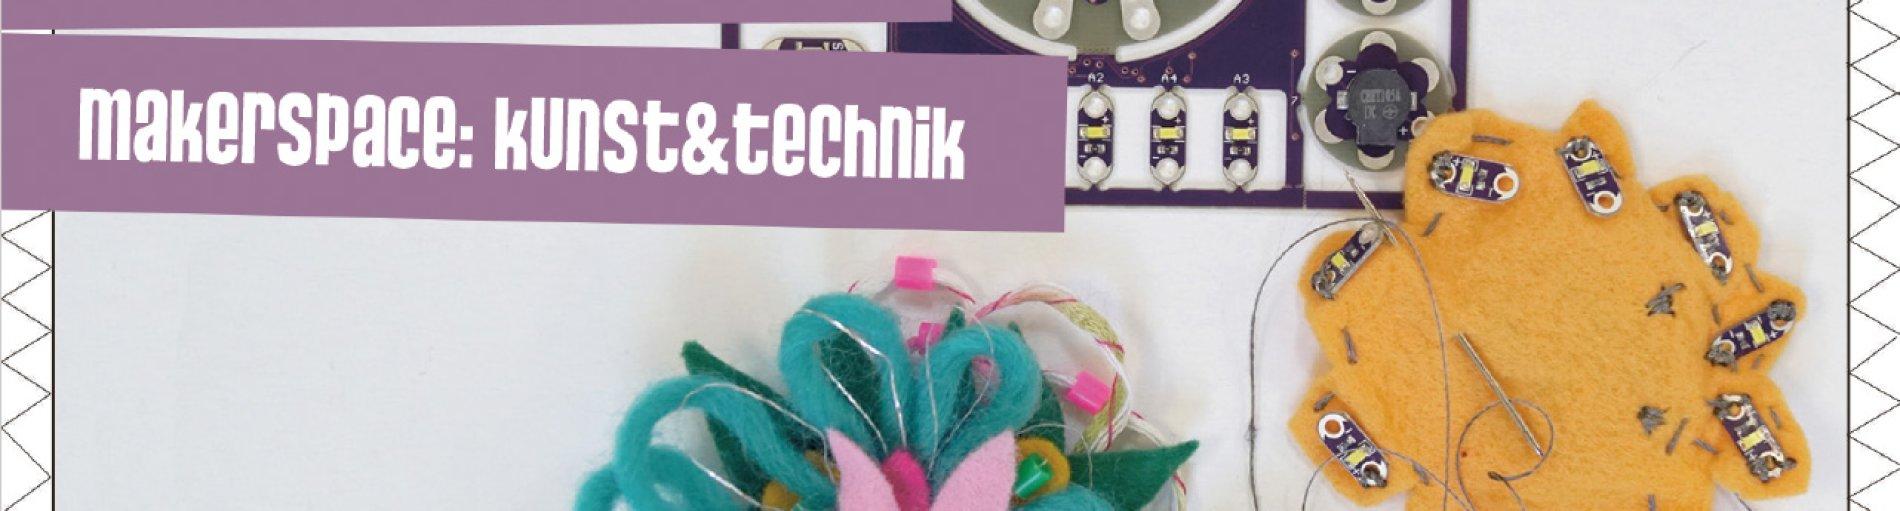 Postkarte mit der Aufschrift: mädchen_atelier / makerspace: kunst & technik